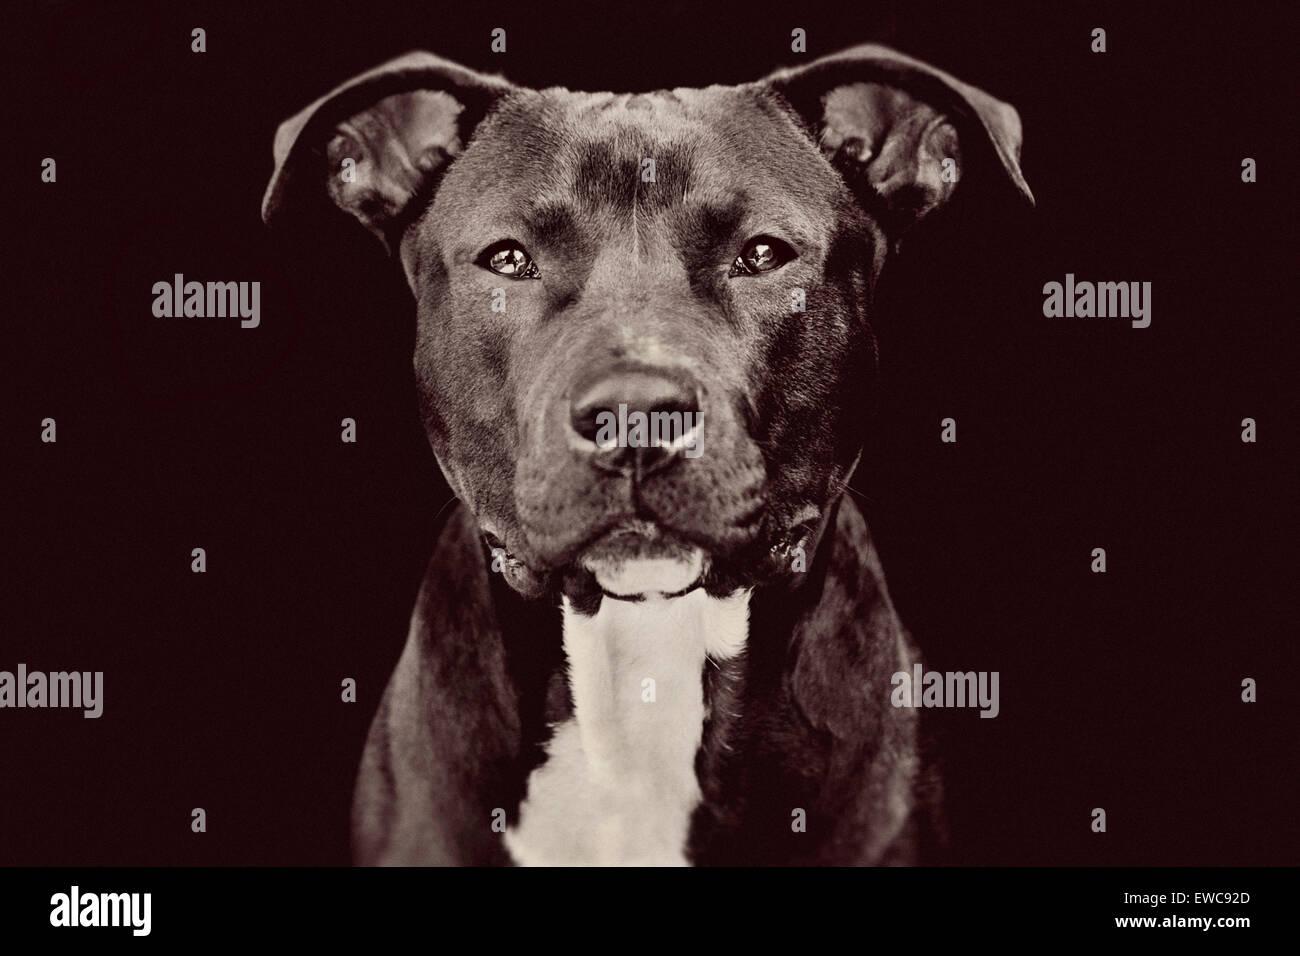 Studioportrait eine mittlere große Erwachsenen schwarzen Pitbull Hund auf schwarzem Hintergrund gerichtete Kamera mit fesselnden Blickkontakt Stockfoto